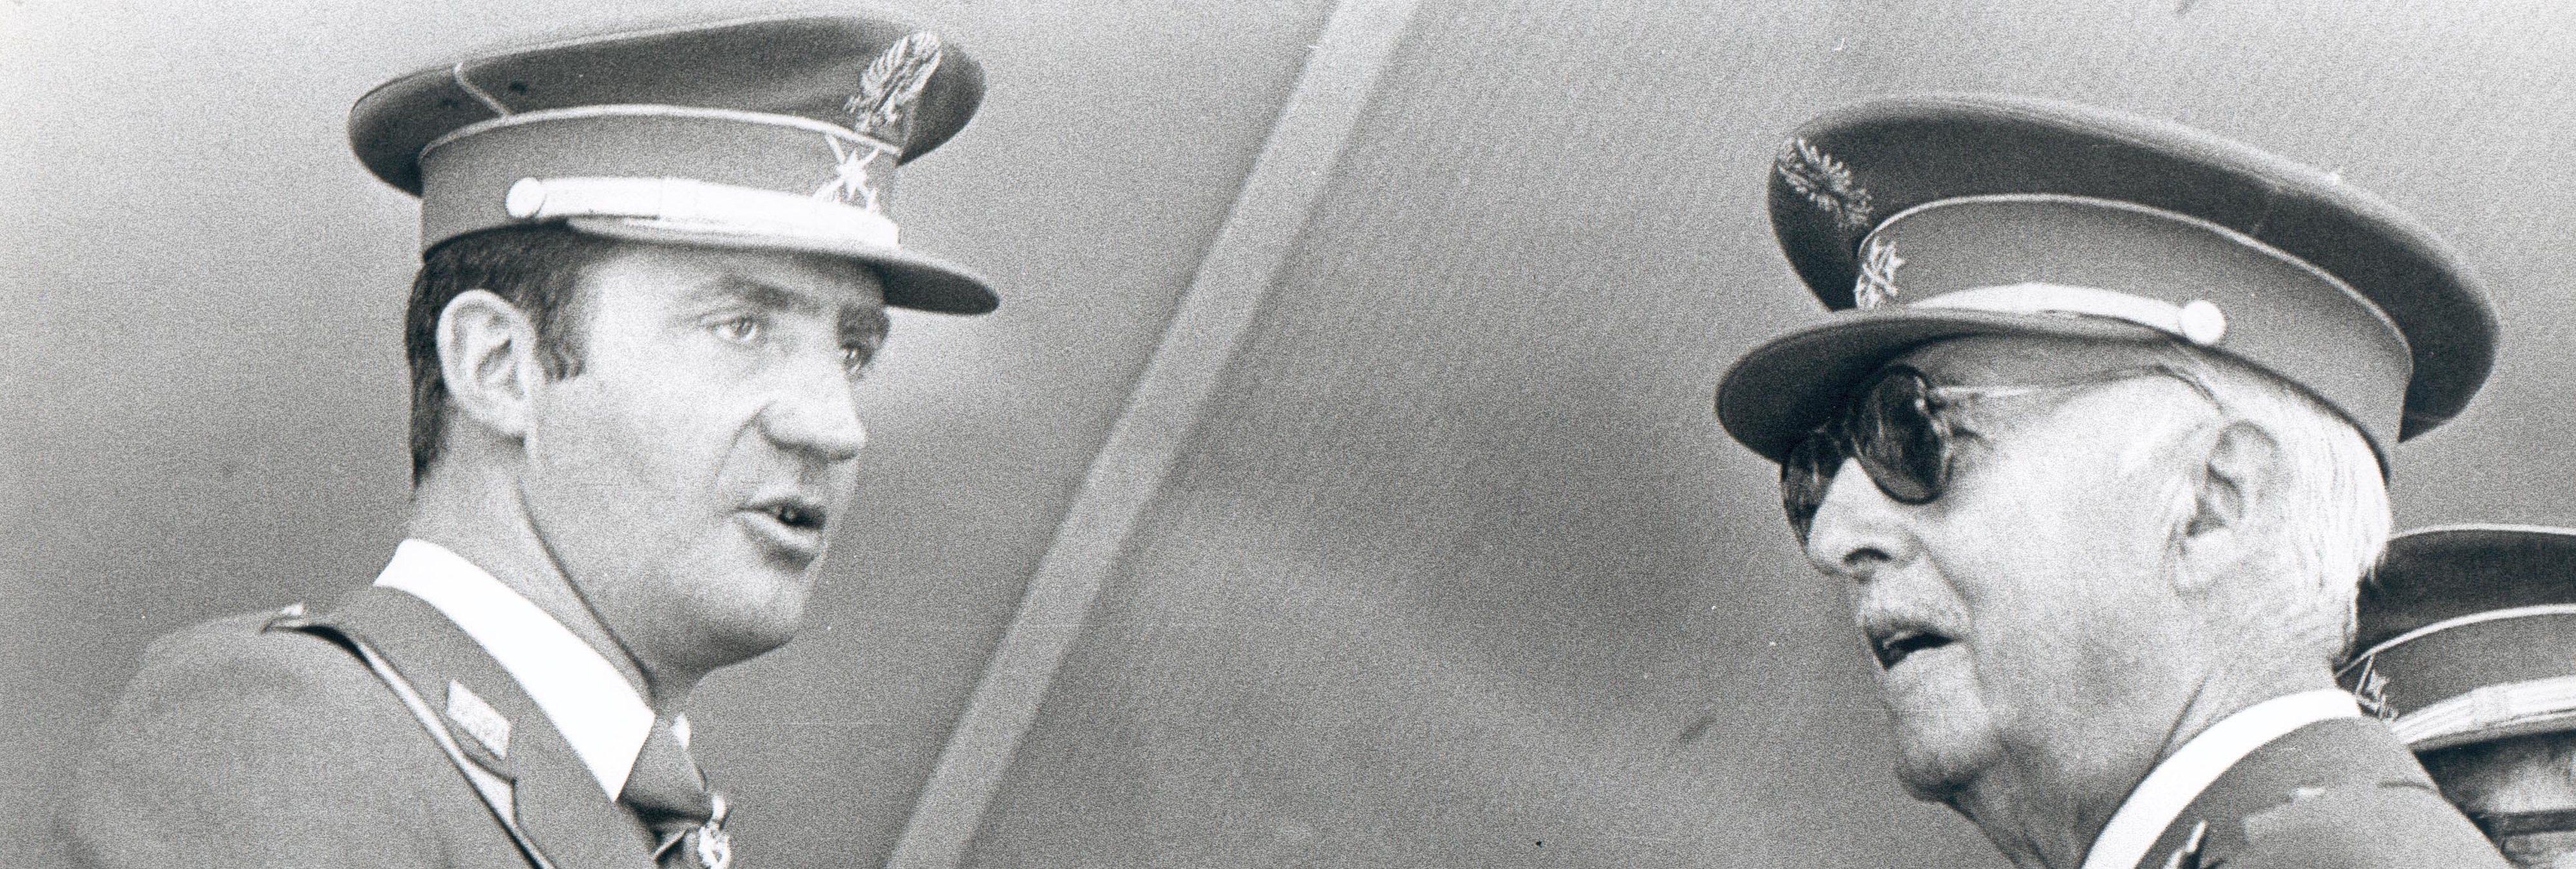 La época en la que el Rey Juan Carlos defendía el franquismo y el golpe de Estado de 1936